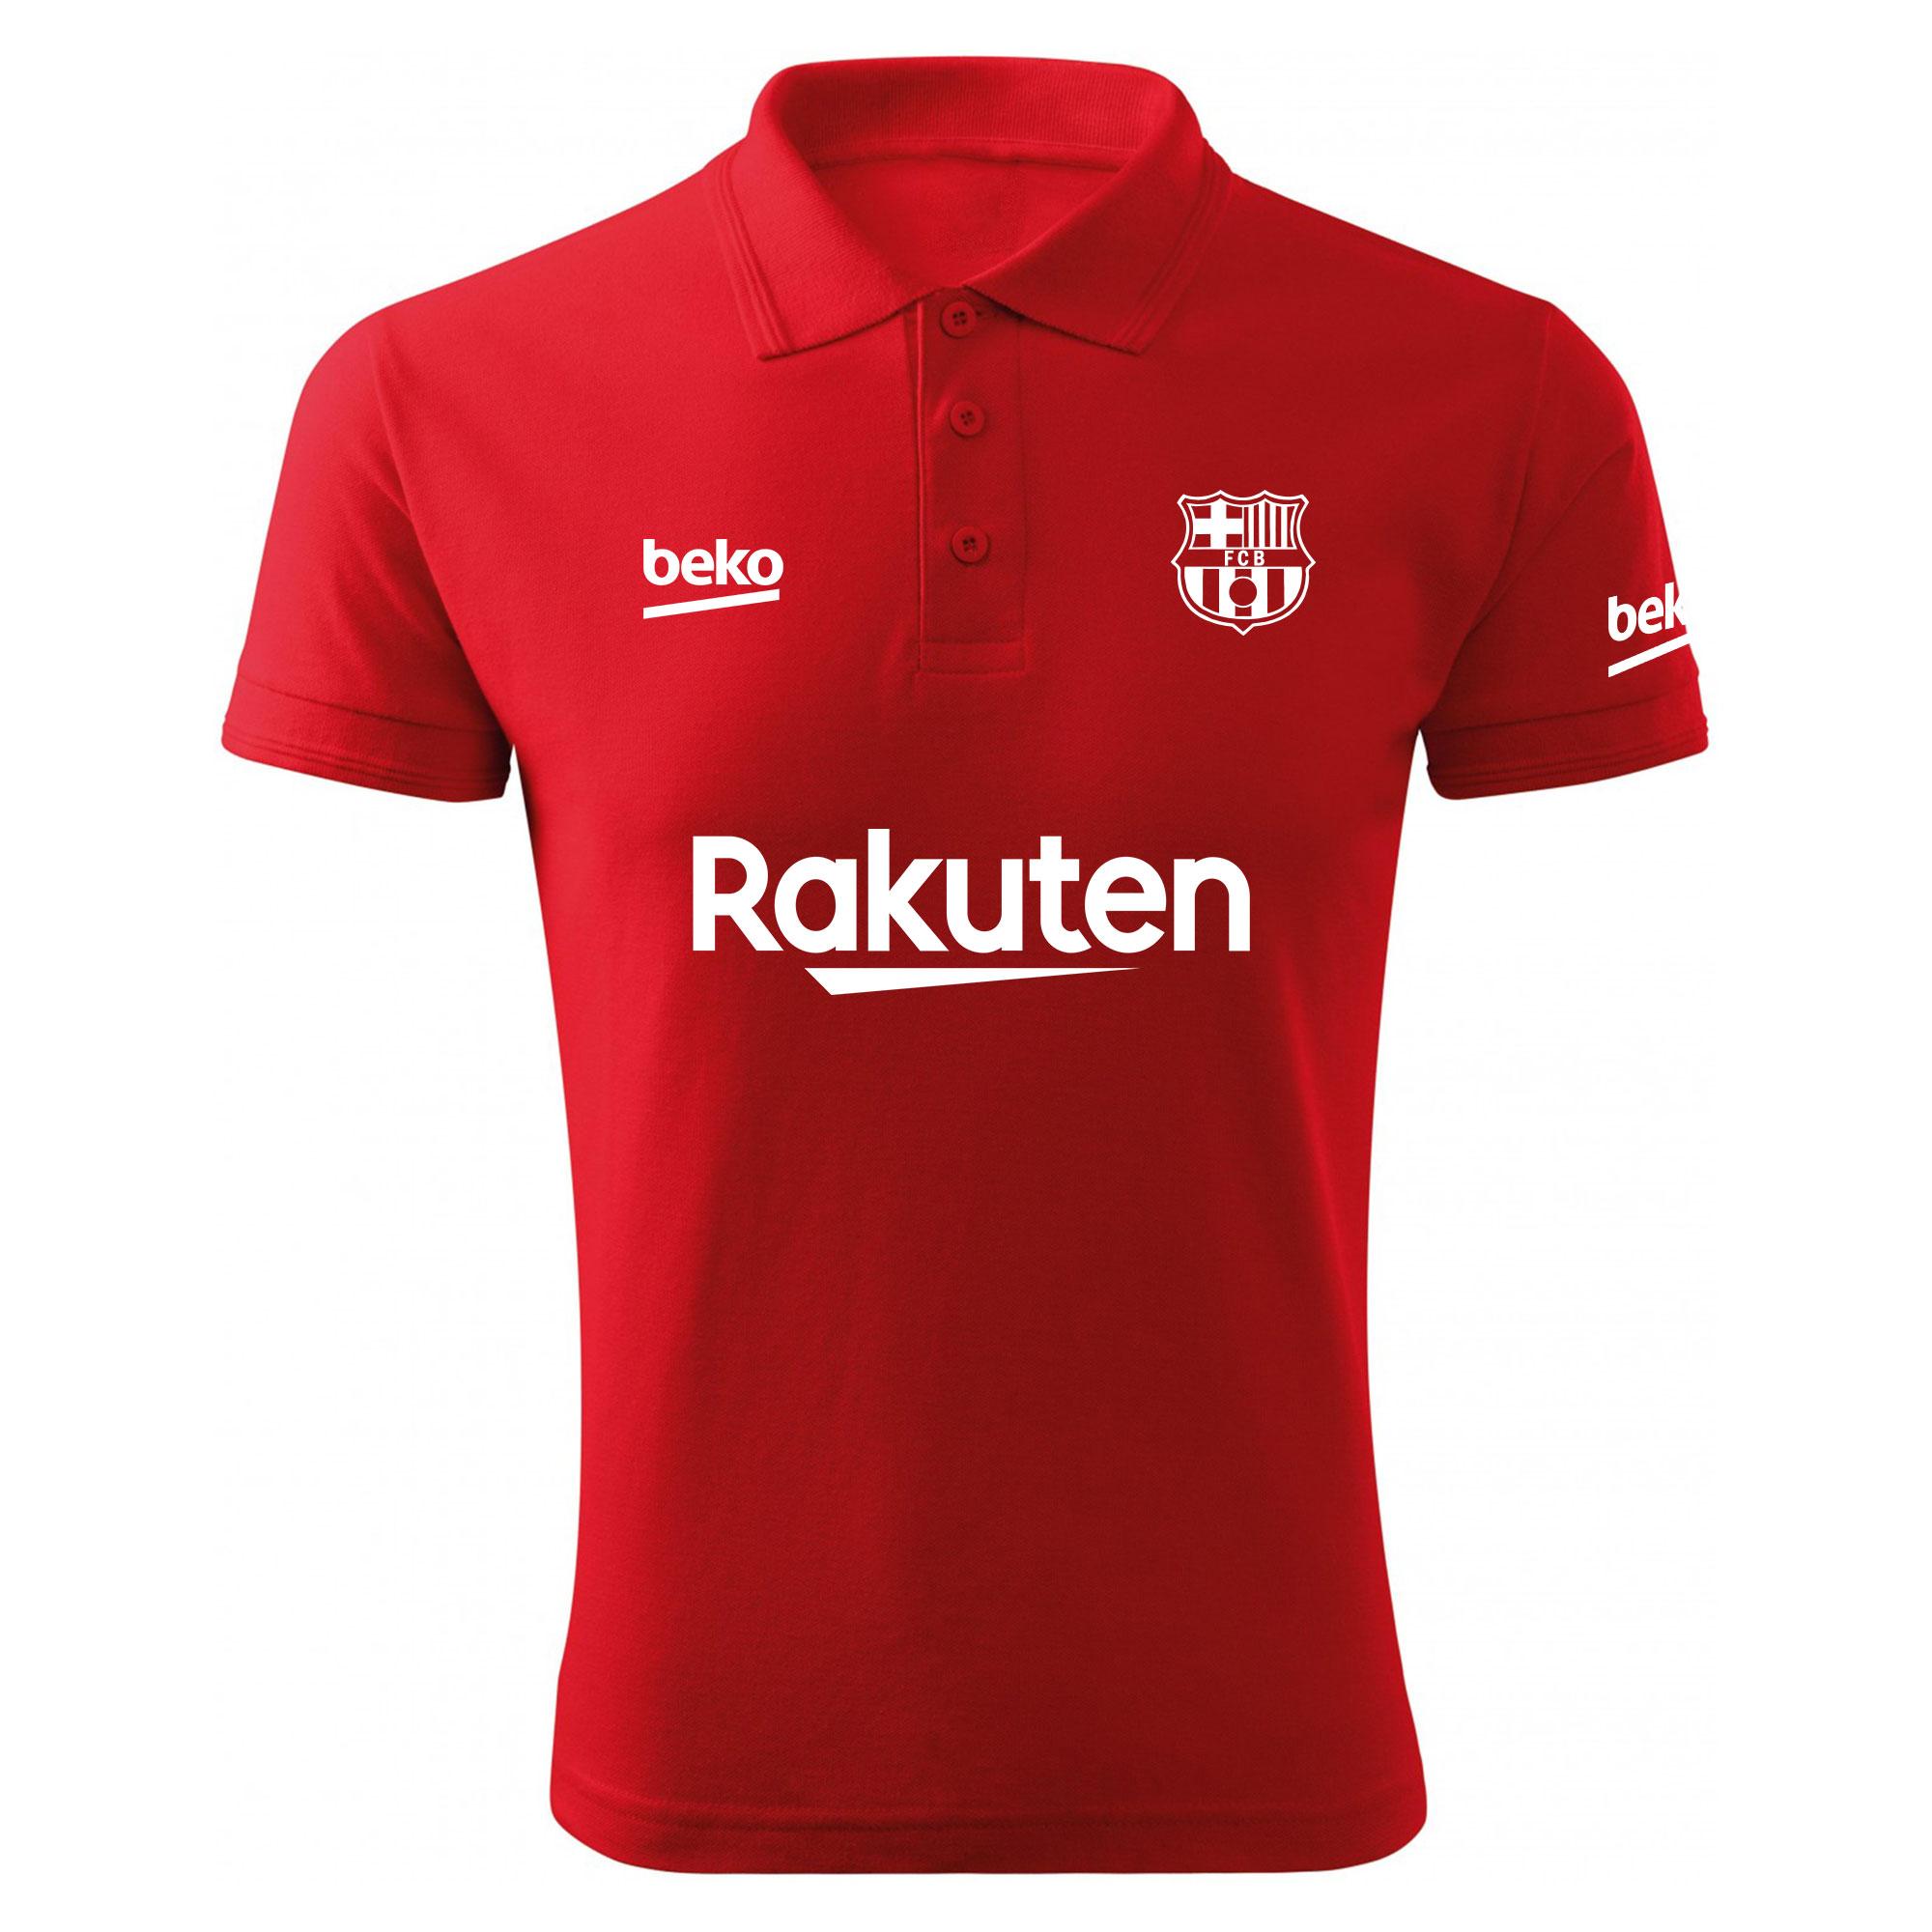 پولوشرت مردانه طرح تیم بارسلونا کد 16021 Red